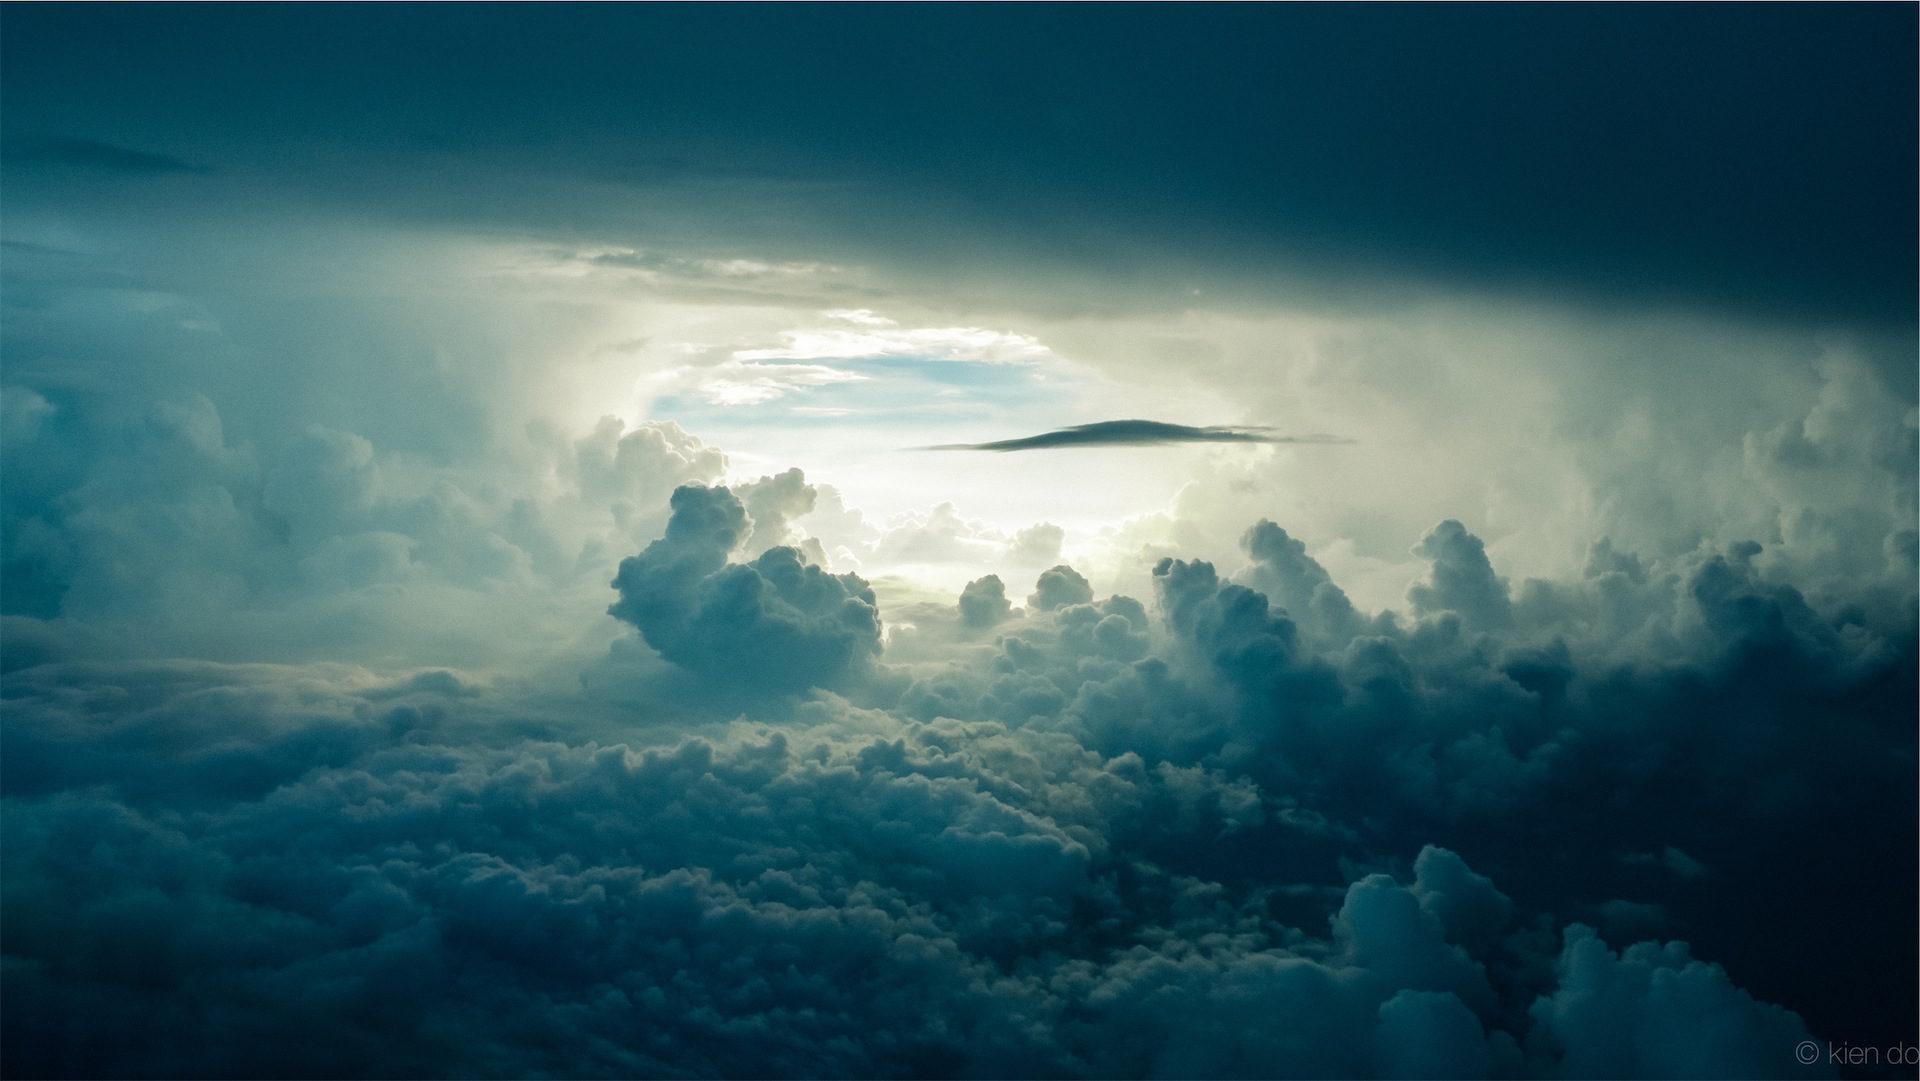 σύννεφα, Ουρανός, Μορφές, Φυσικά, φως - Wallpapers HD - Professor-falken.com